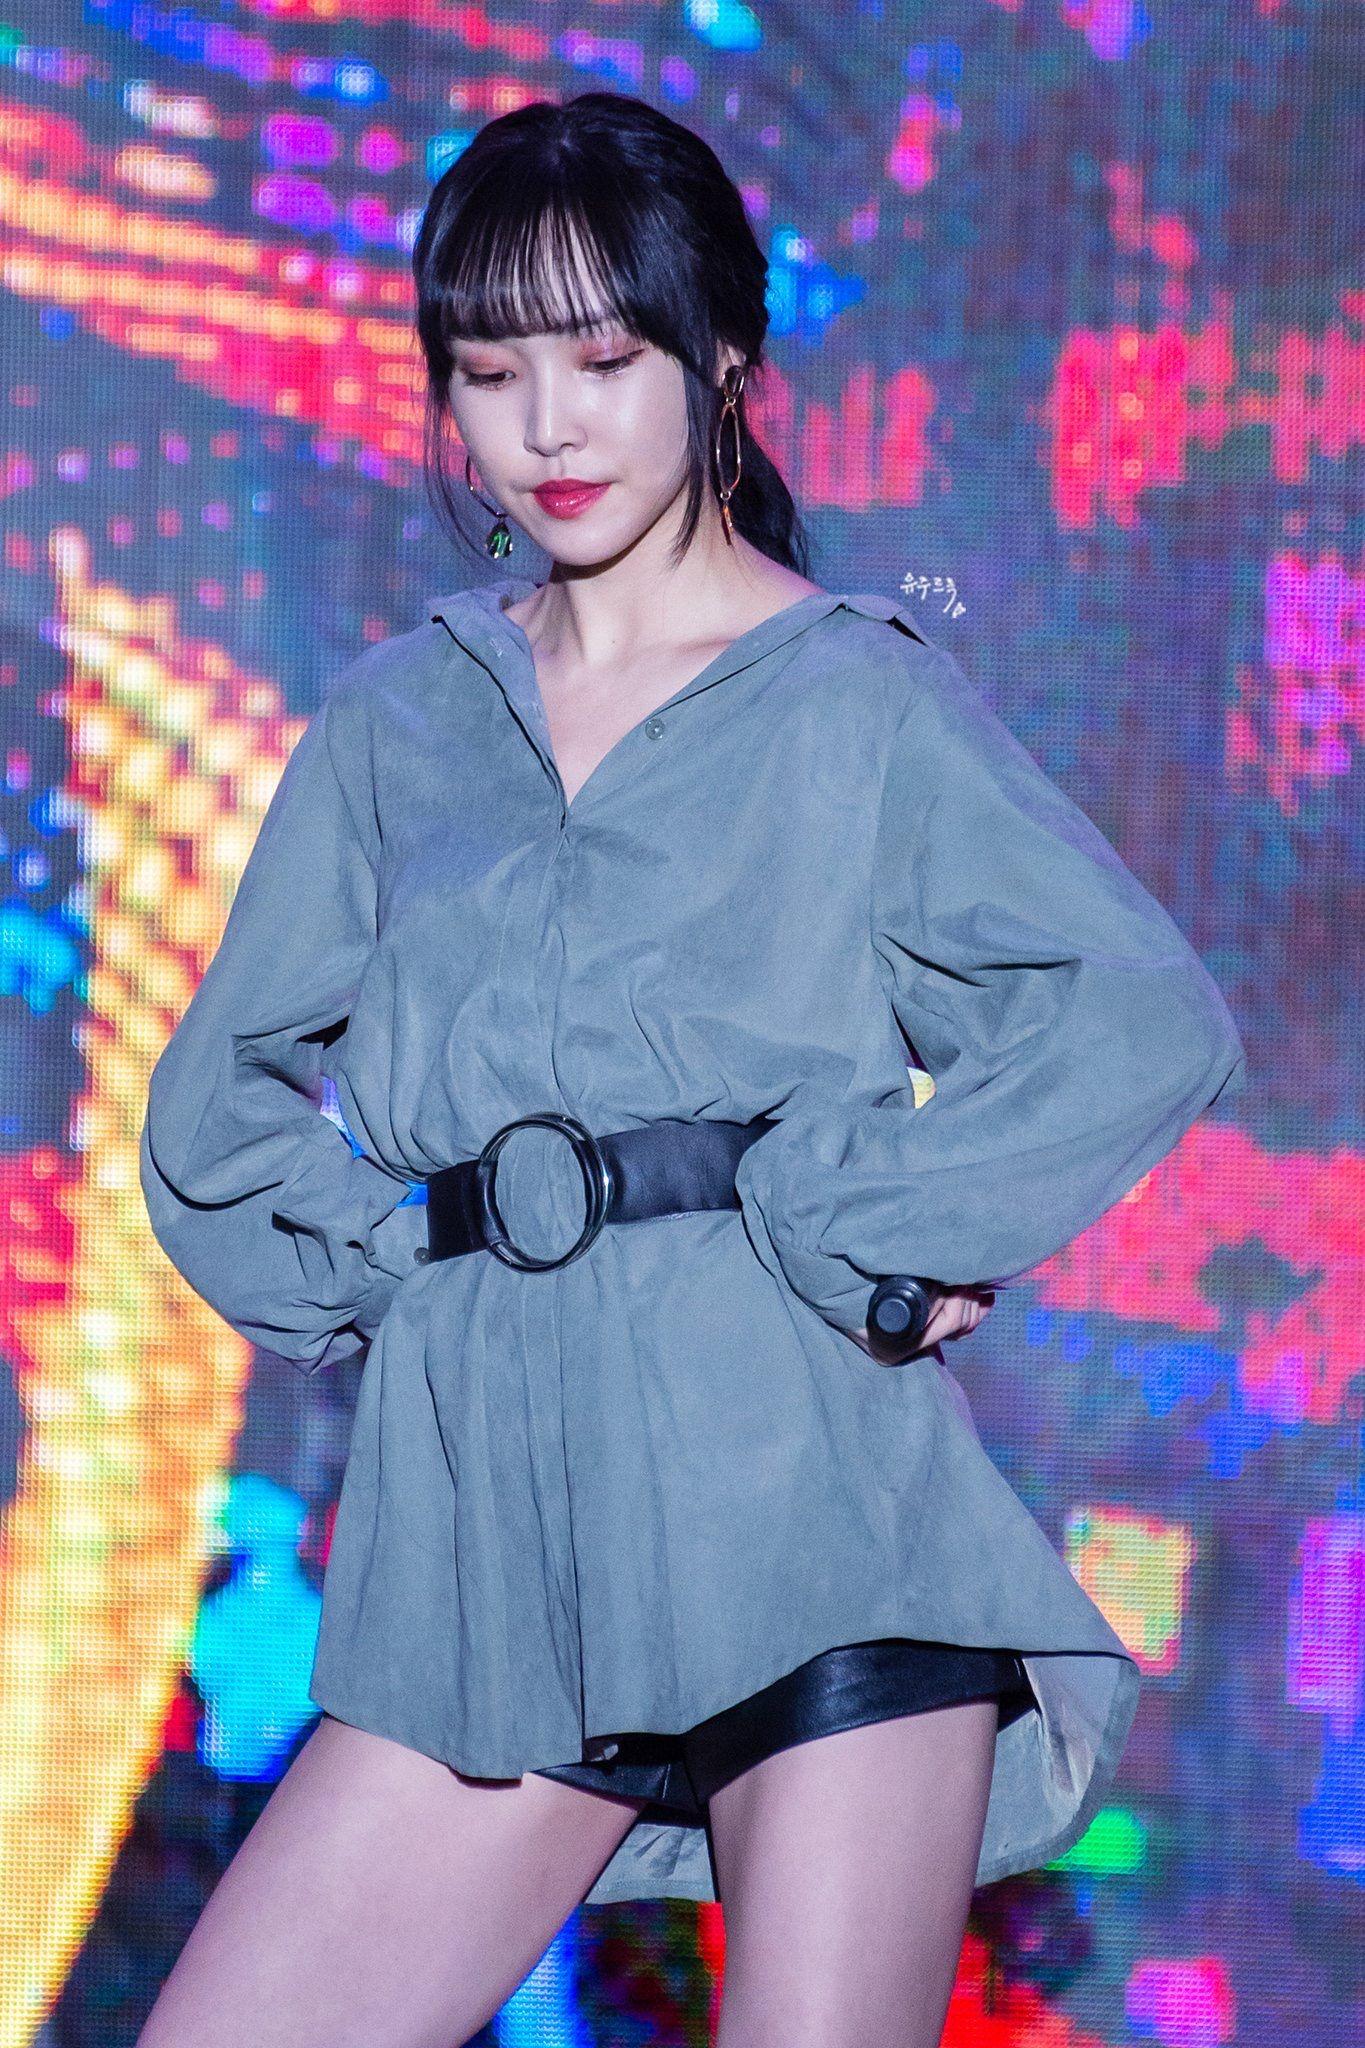 Pin oleh AmeenMin di Yuju di 2020